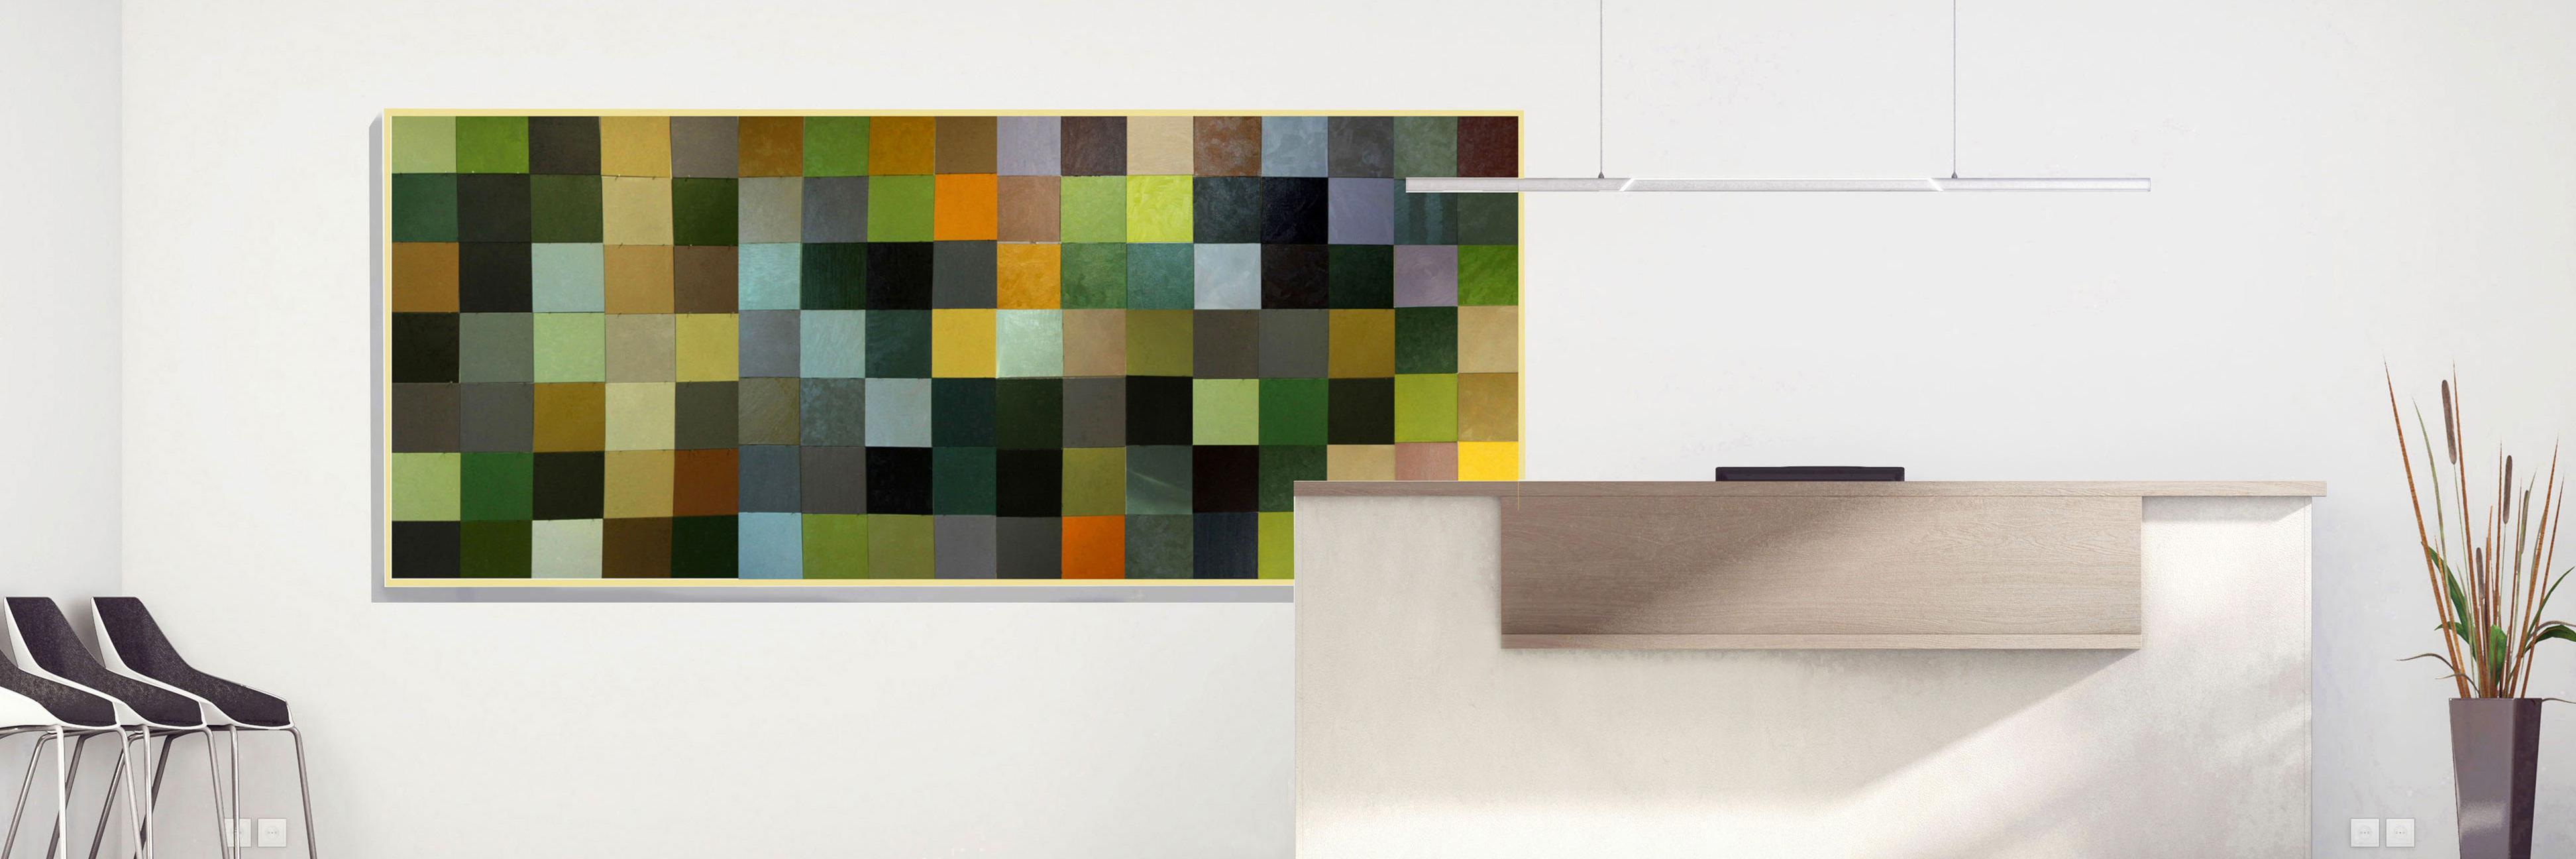 Keskkonnaameti Tartu büroohoone kunstikonkursi tulemused